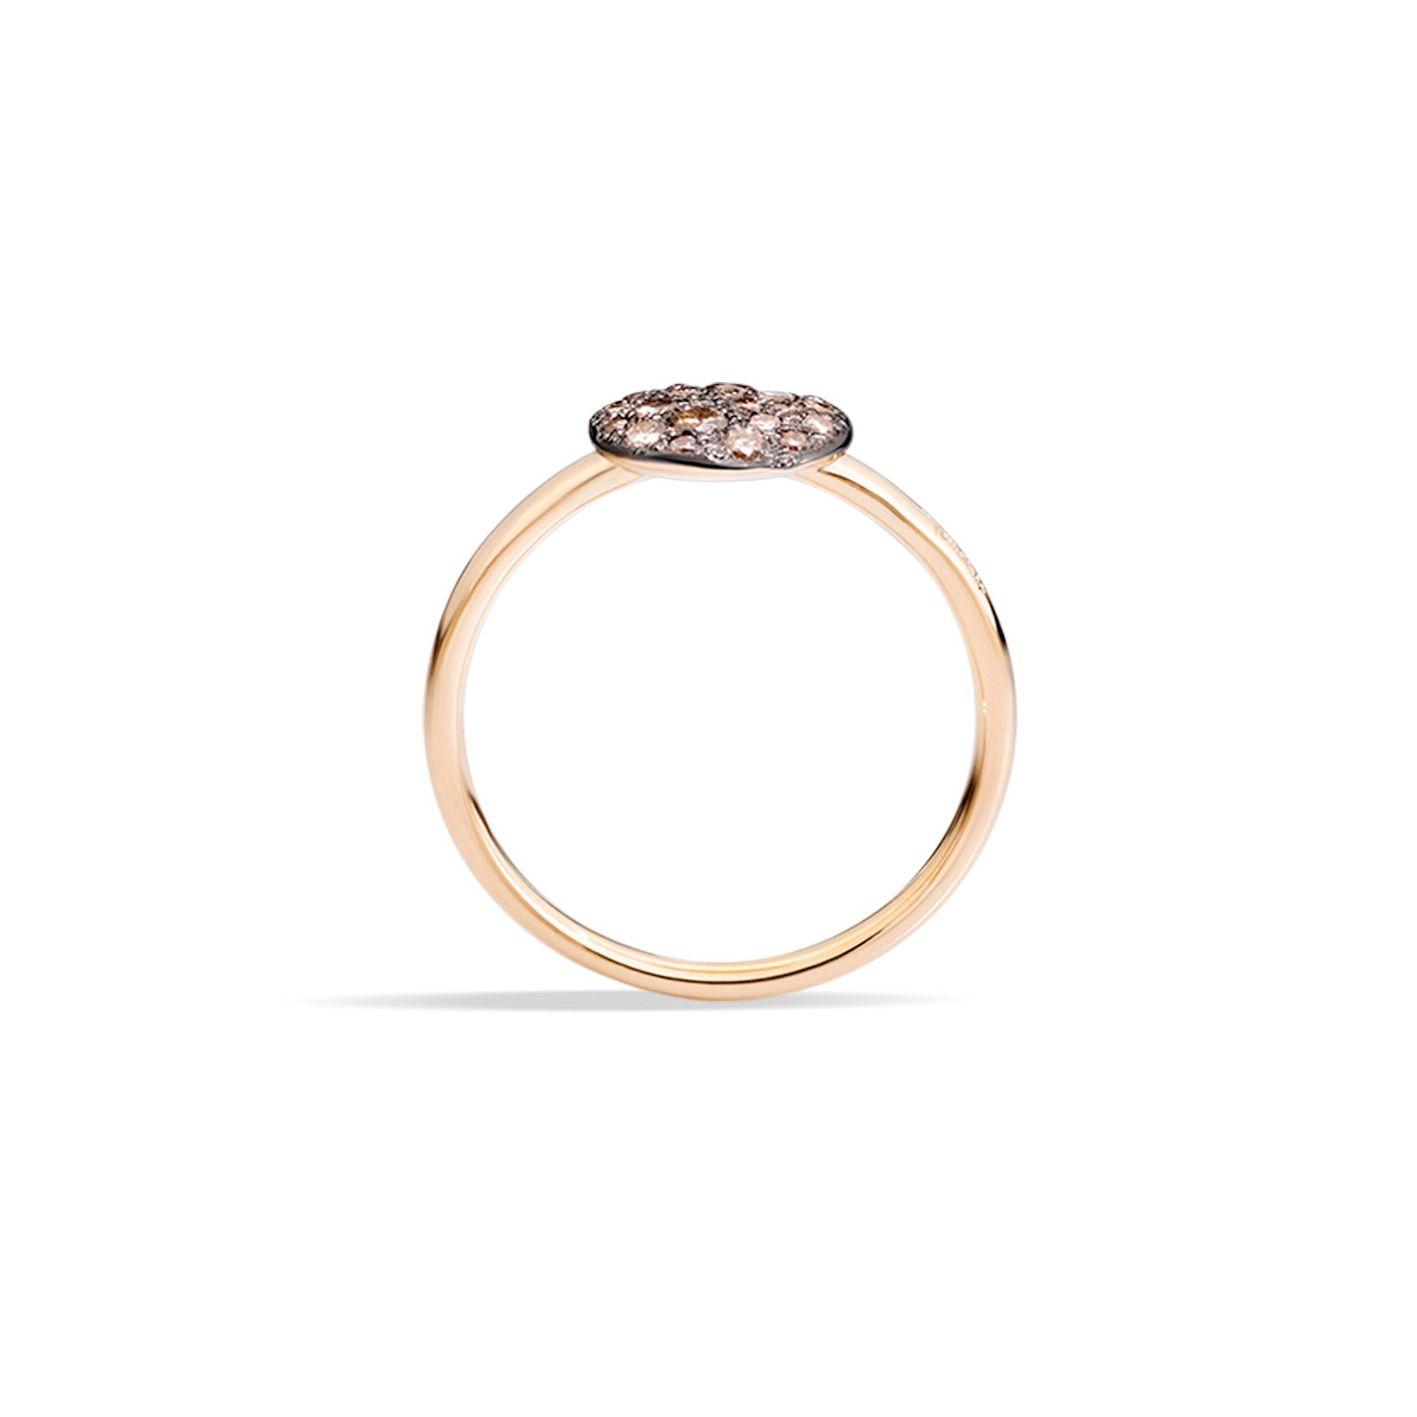 Bague Pomellato Sabbia petit modèle en Or rose et Diamant brun vue 3